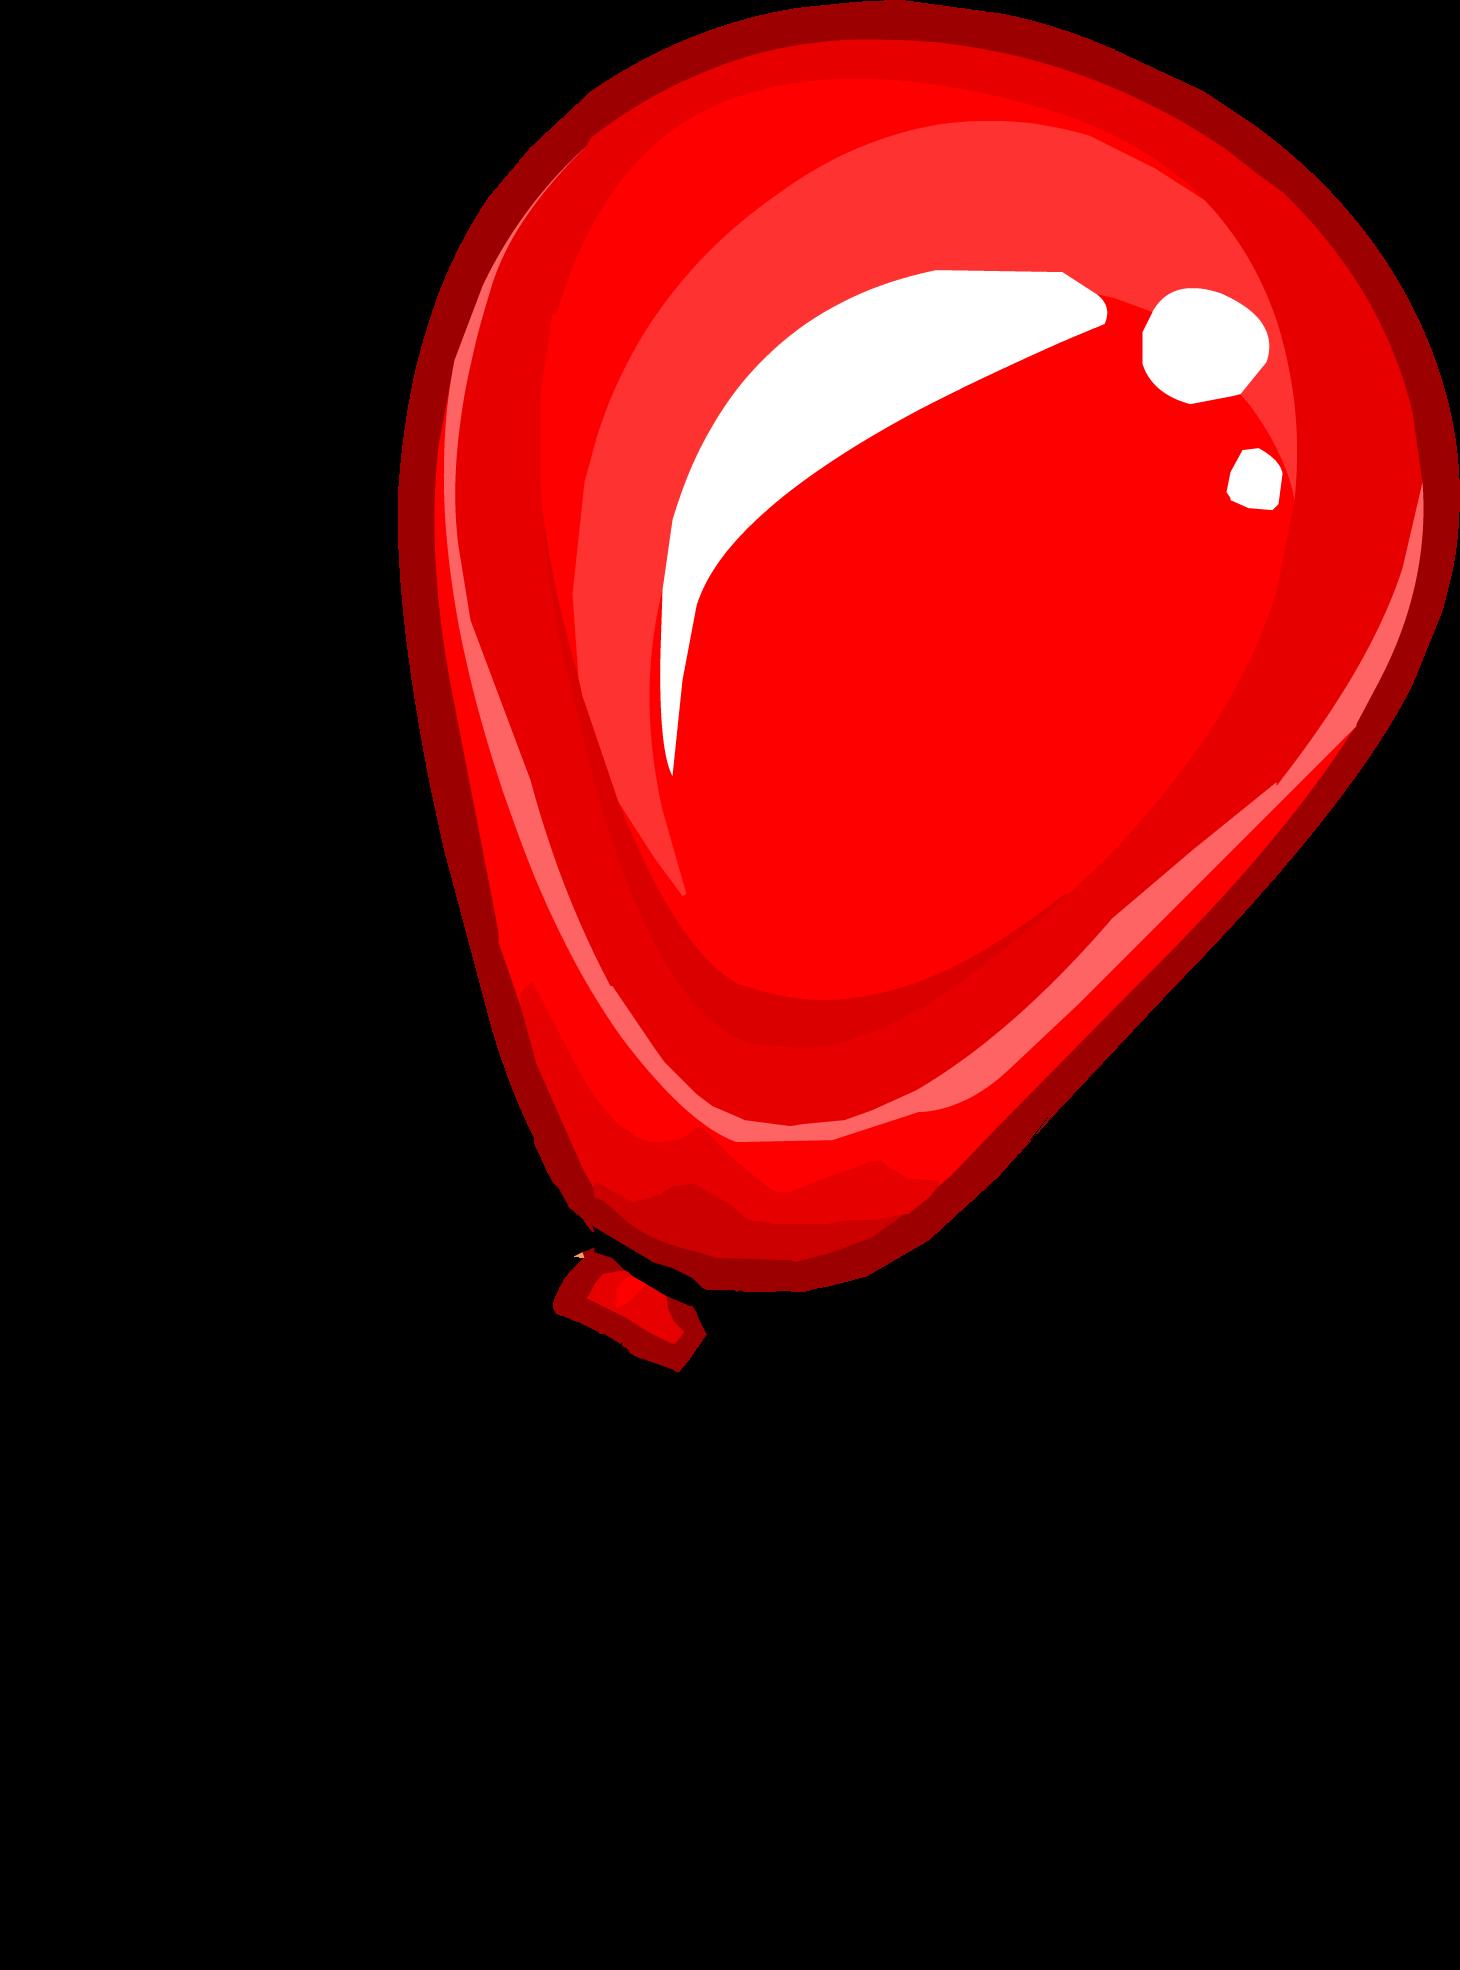 Cherry Balloon